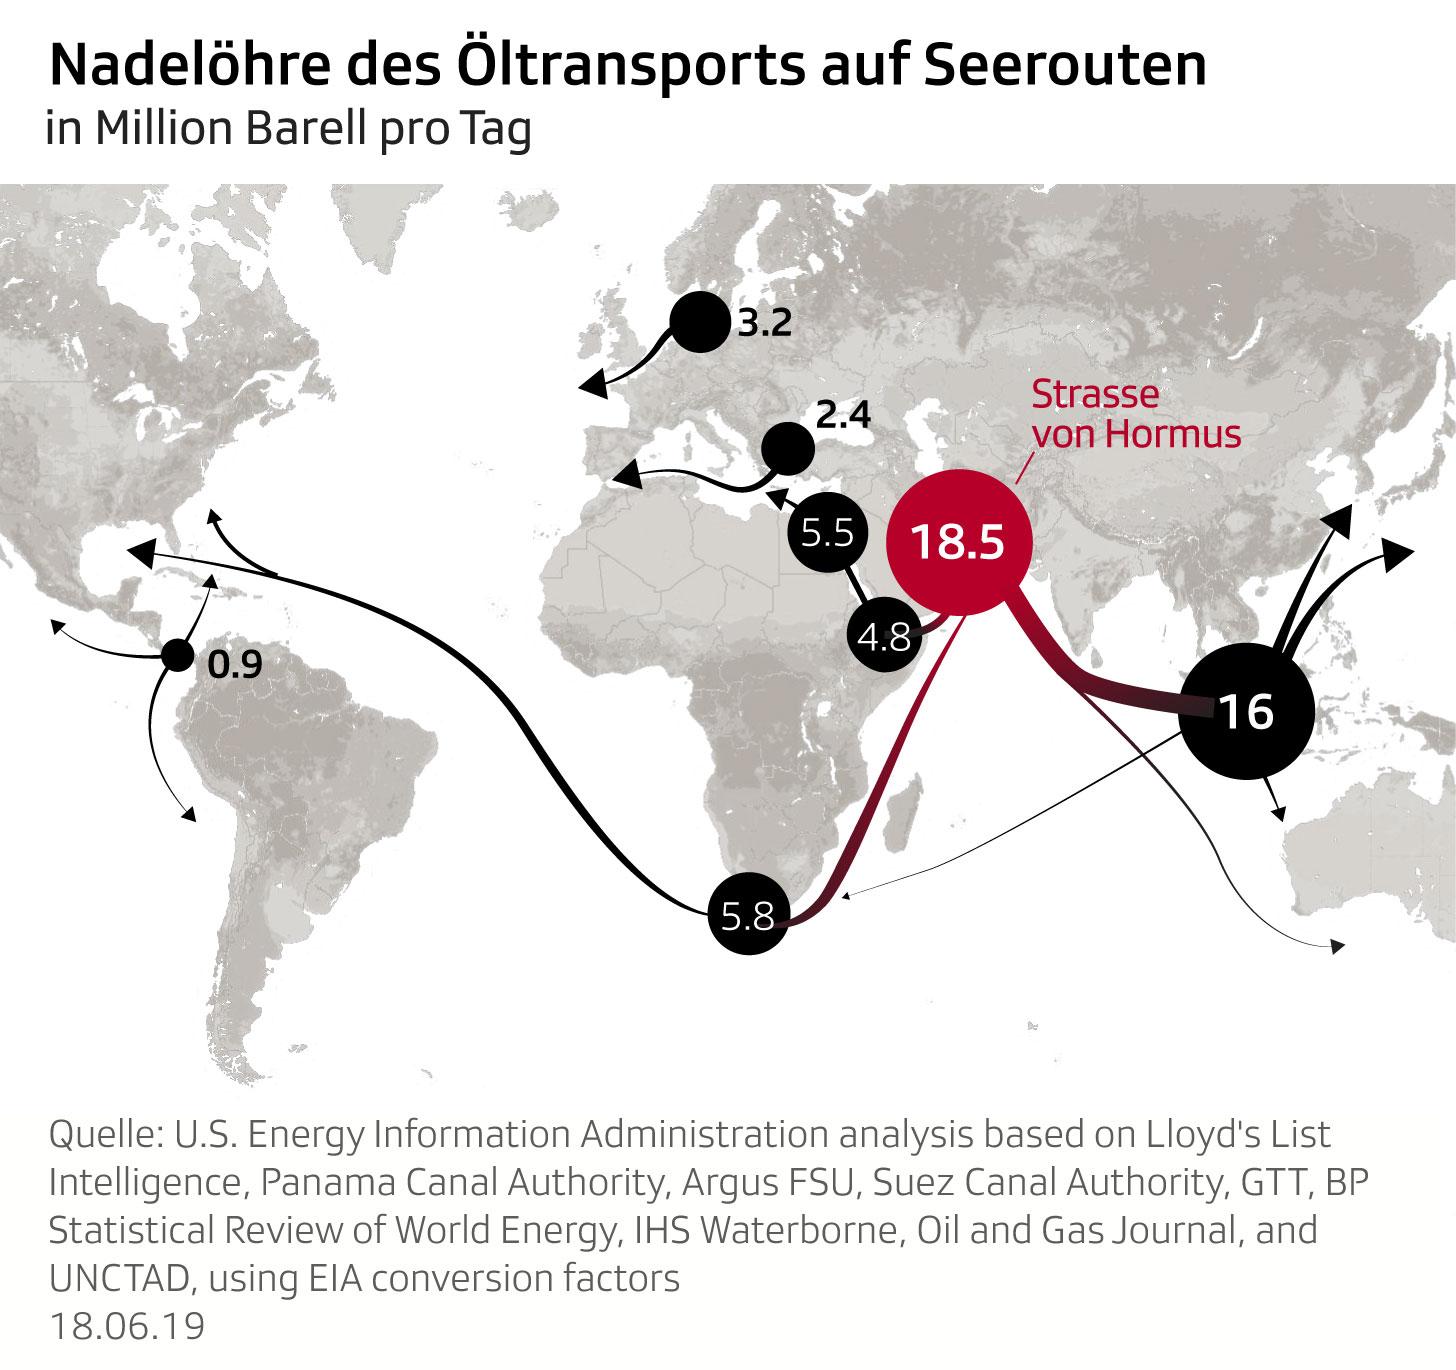 Grafik zeigt Nadelöhre des Öltransports auf Seerouten